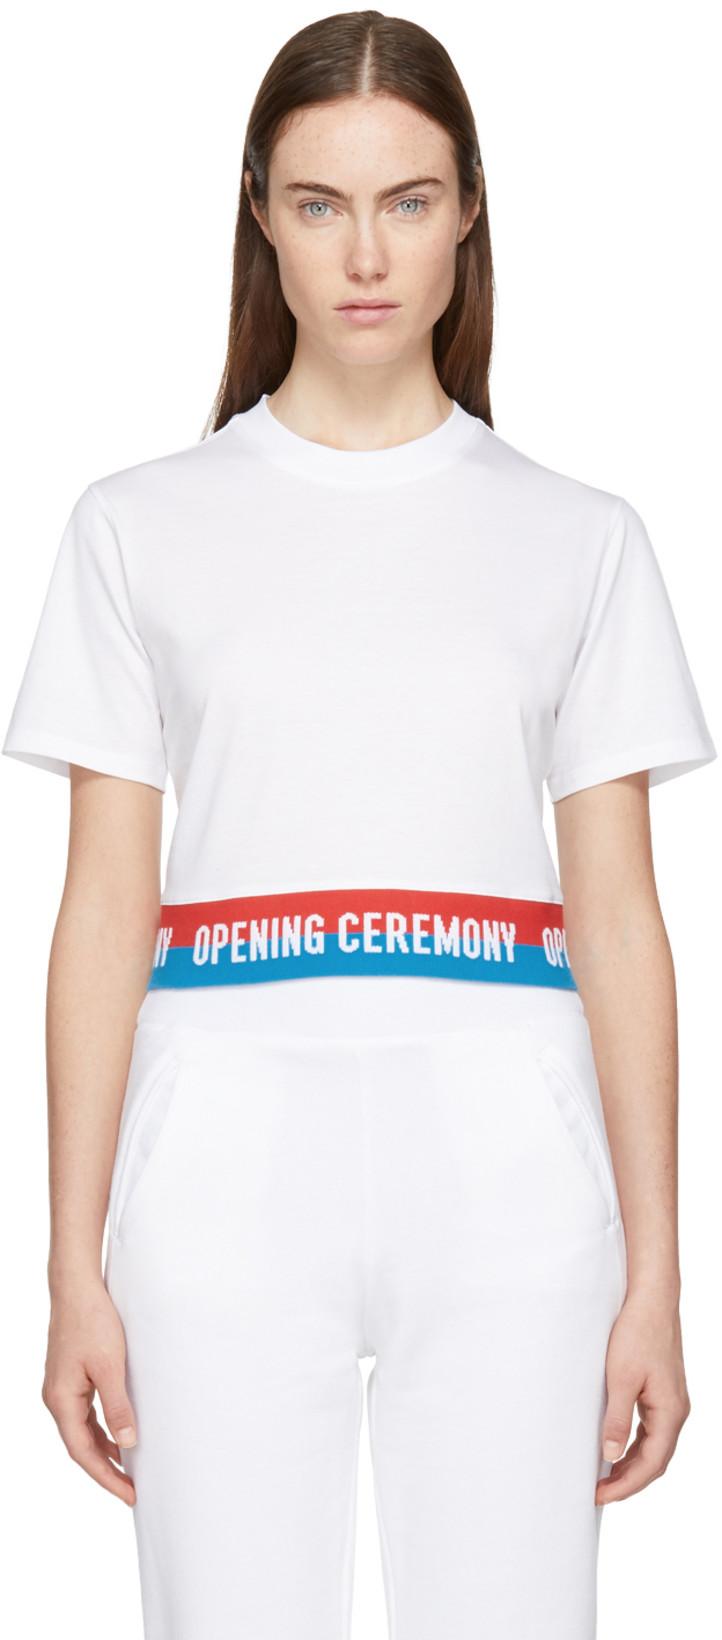 Opening Ceremony - White Cropped Elastic Logo T-Shirt                $80.00